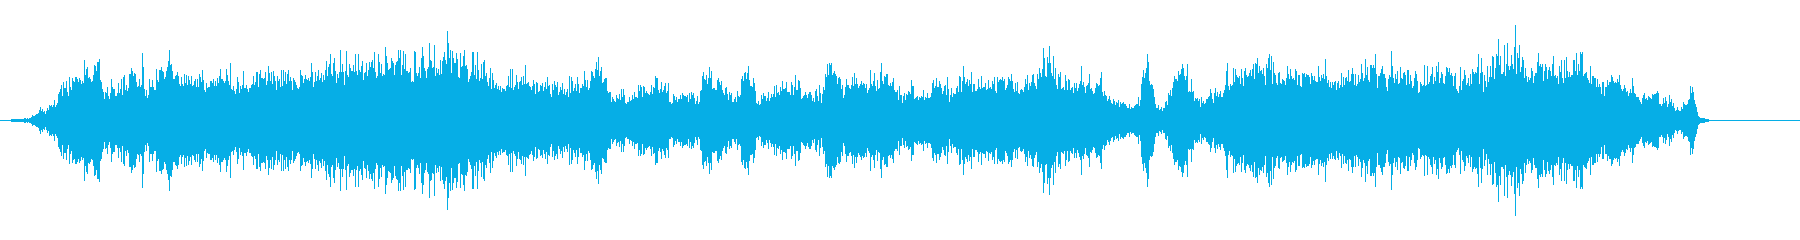 不気味、雑音、闇、何とも言えない奇妙な音の再生済みの波形